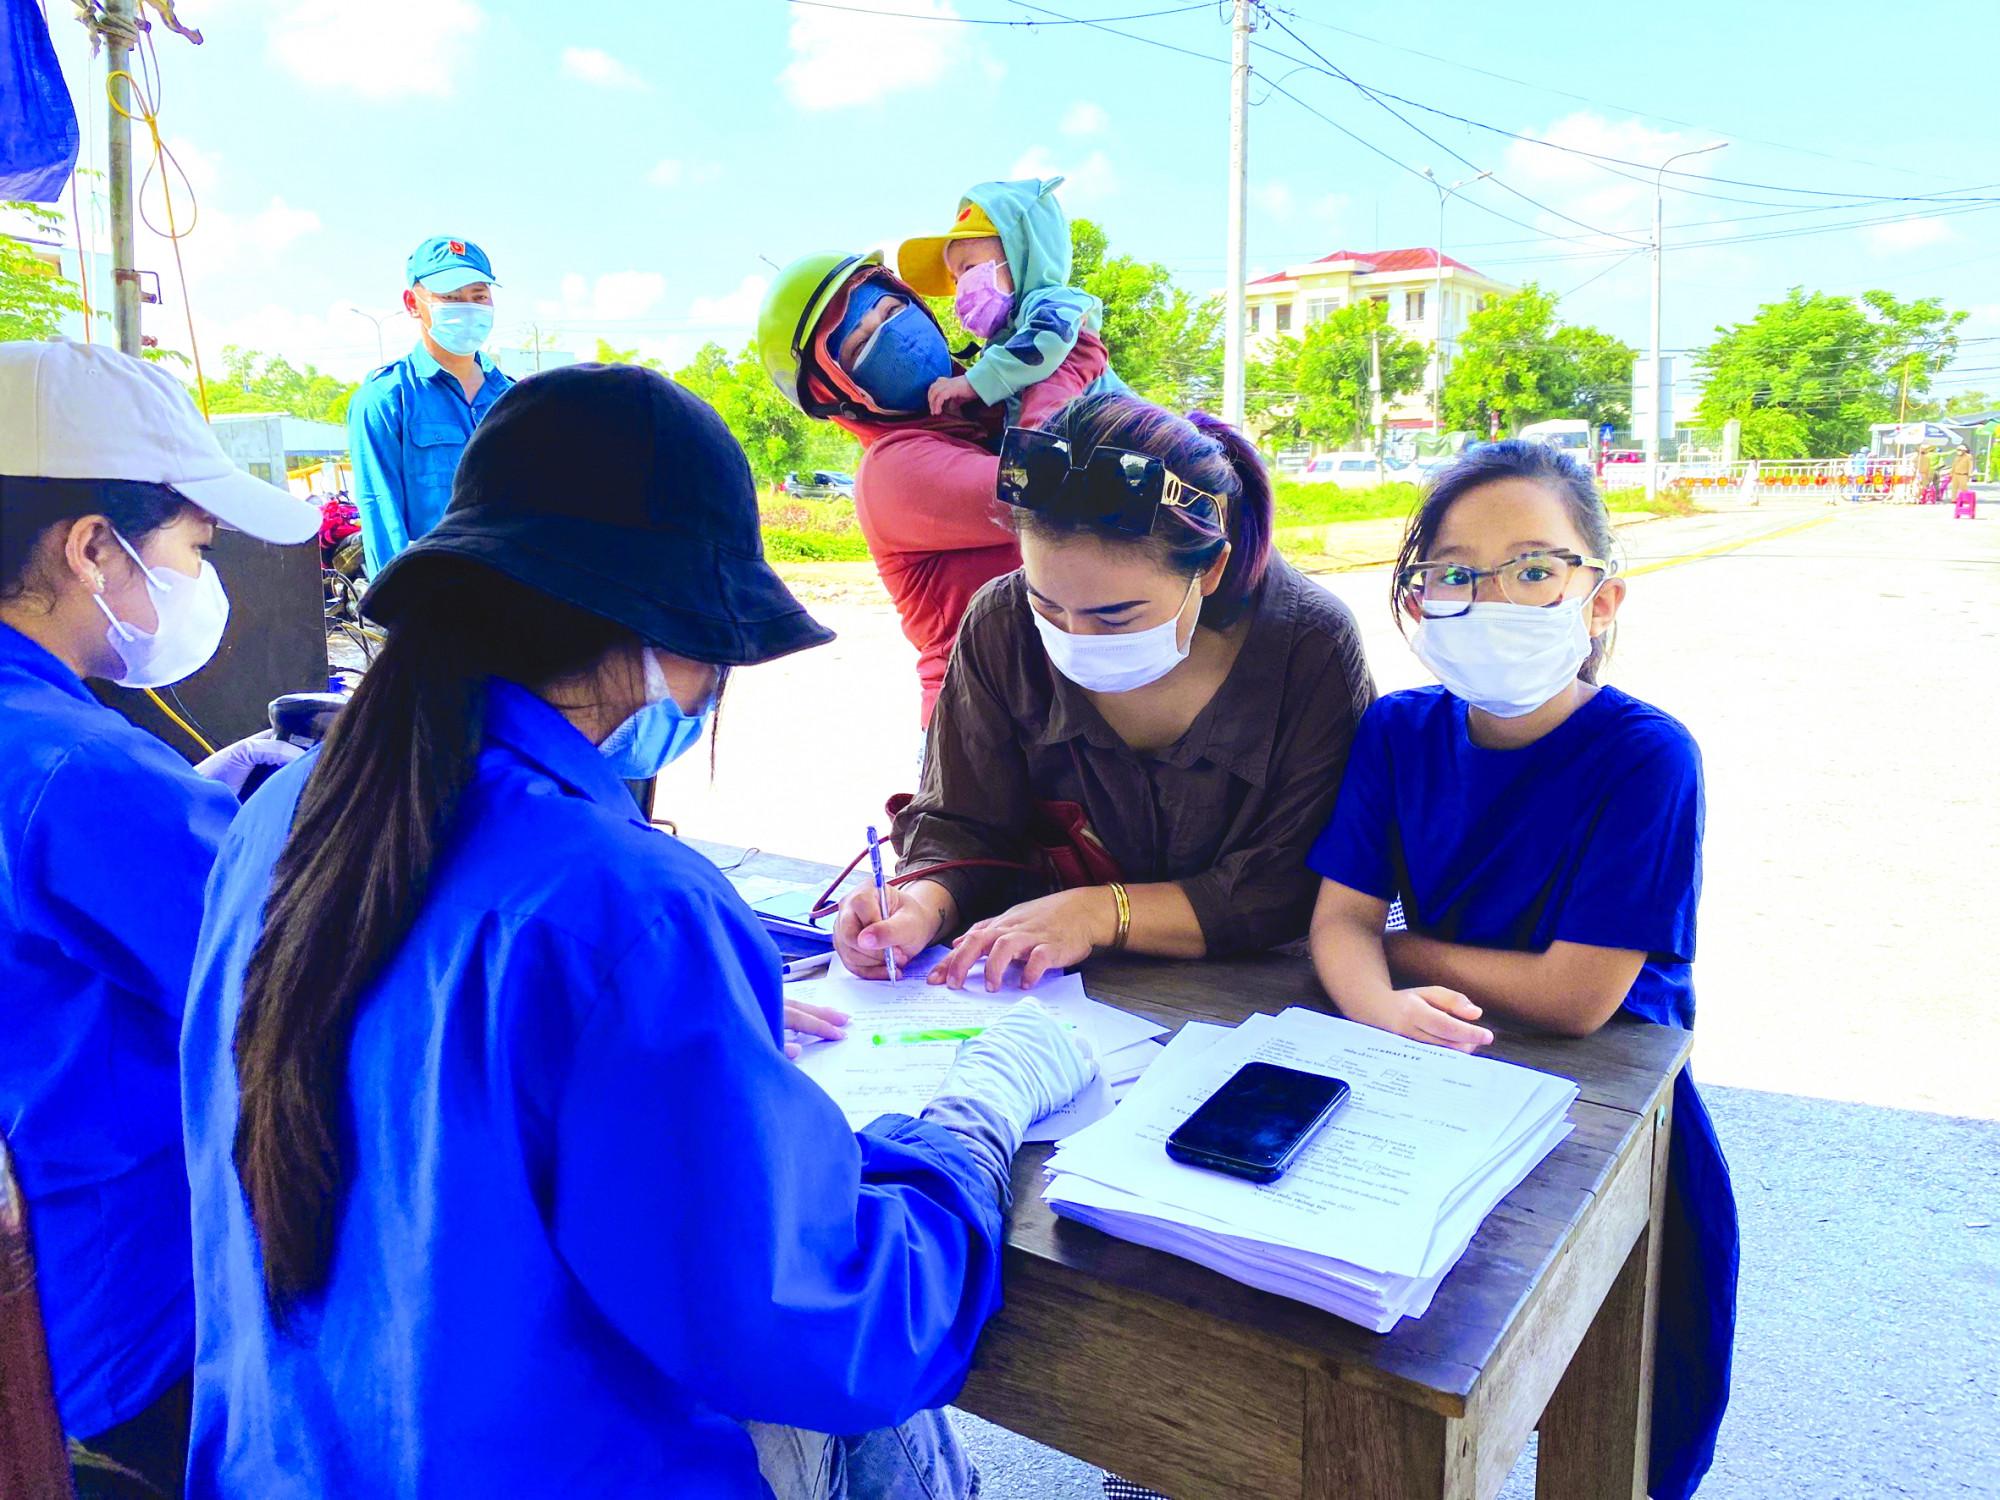 Phụ huynh và học sinh Đà Nẵng khai báo y tế tại chốt cửa ngõ phía bắc - ẢNH: LÊ ĐÌNH DŨNG